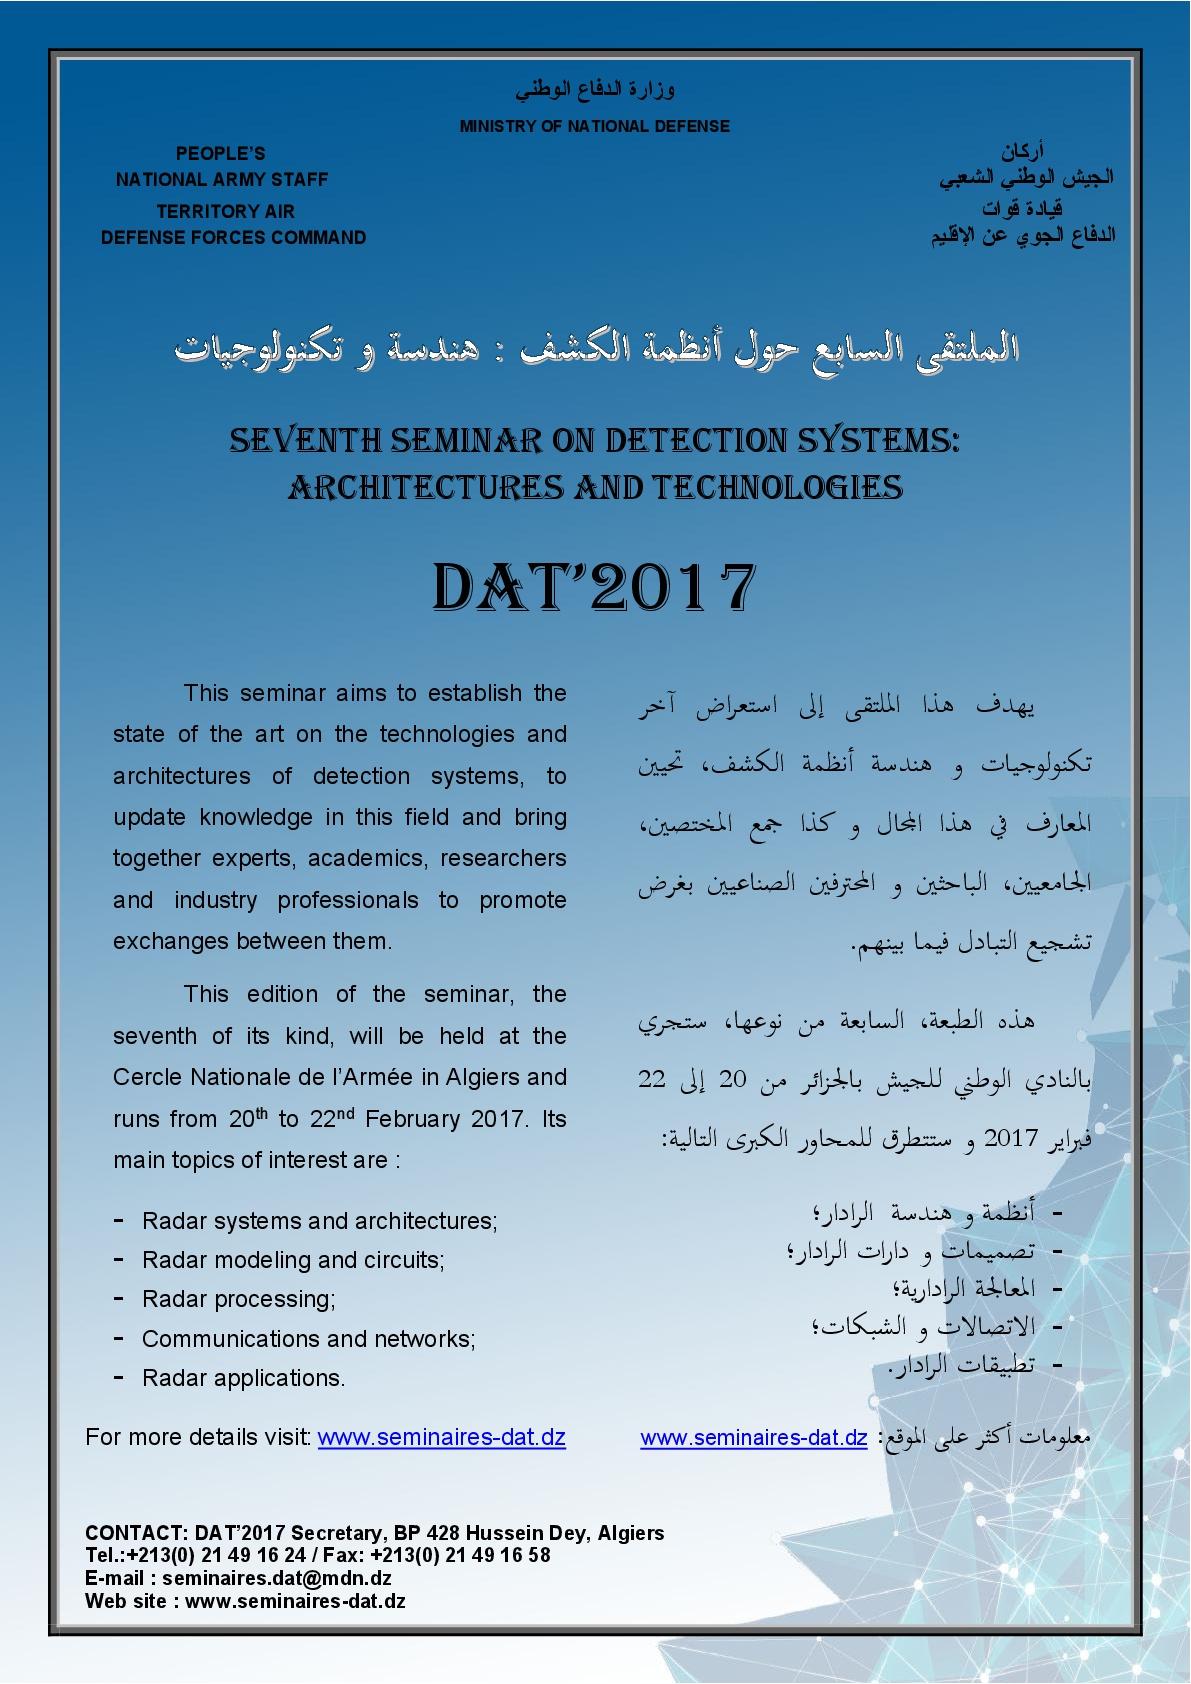 الجزائر : صلاحيات نائب وزير الدفاع الوطني - صفحة 3 27987577912_1591002b23_o